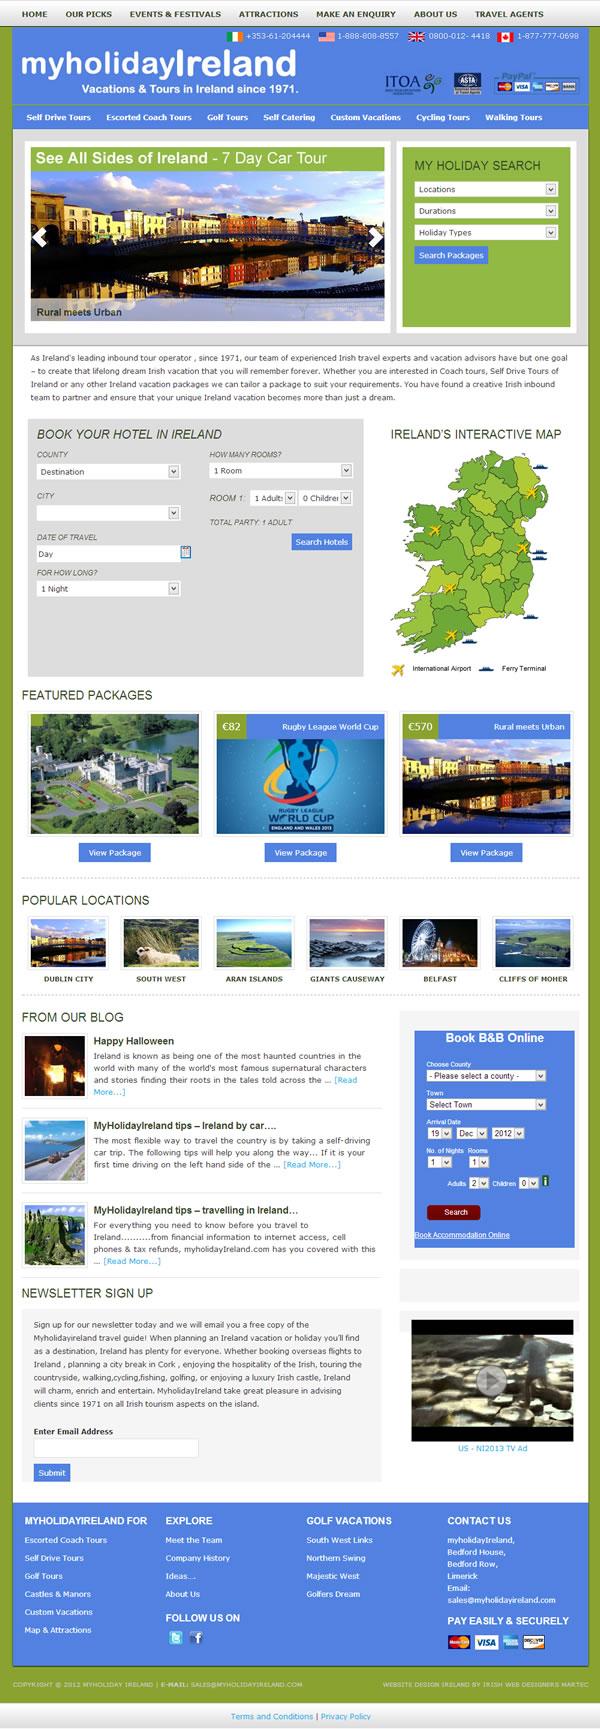 My Holiday Ireland Website Design